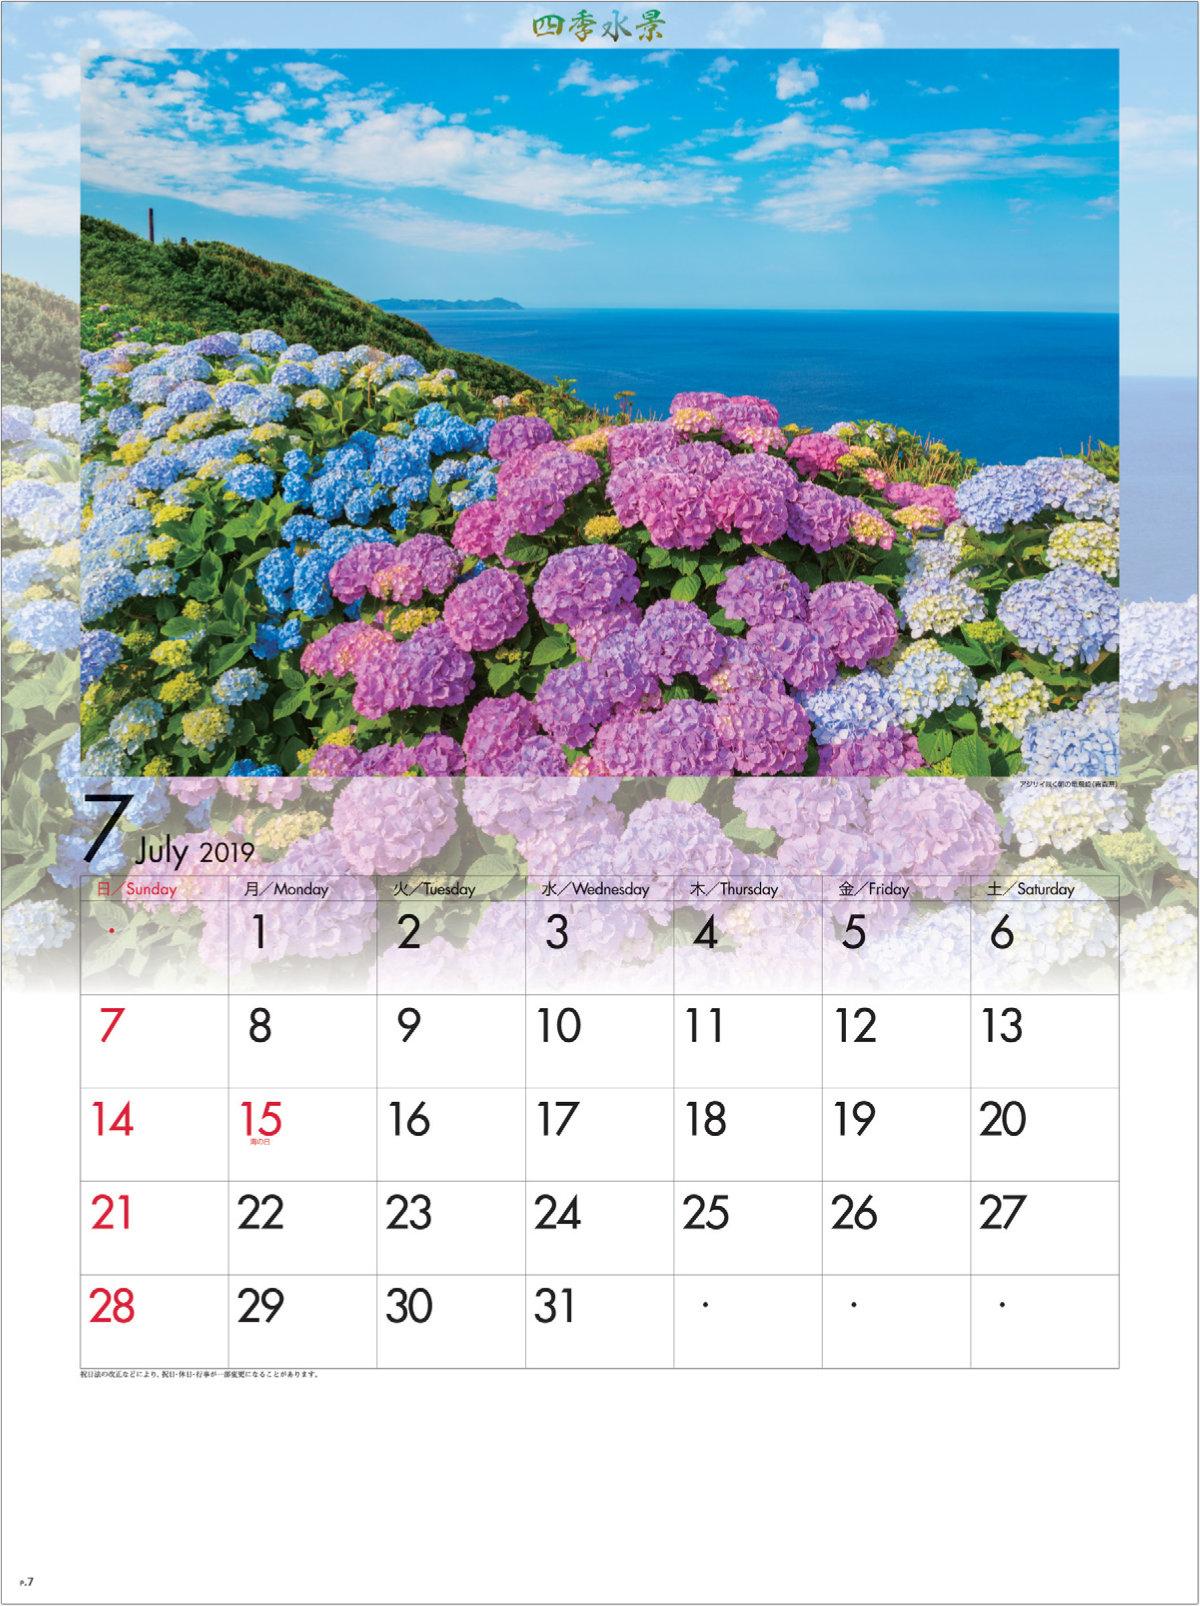 青森県 竜飛崎の紫陽花 四季水景 2019年カレンダーの画像